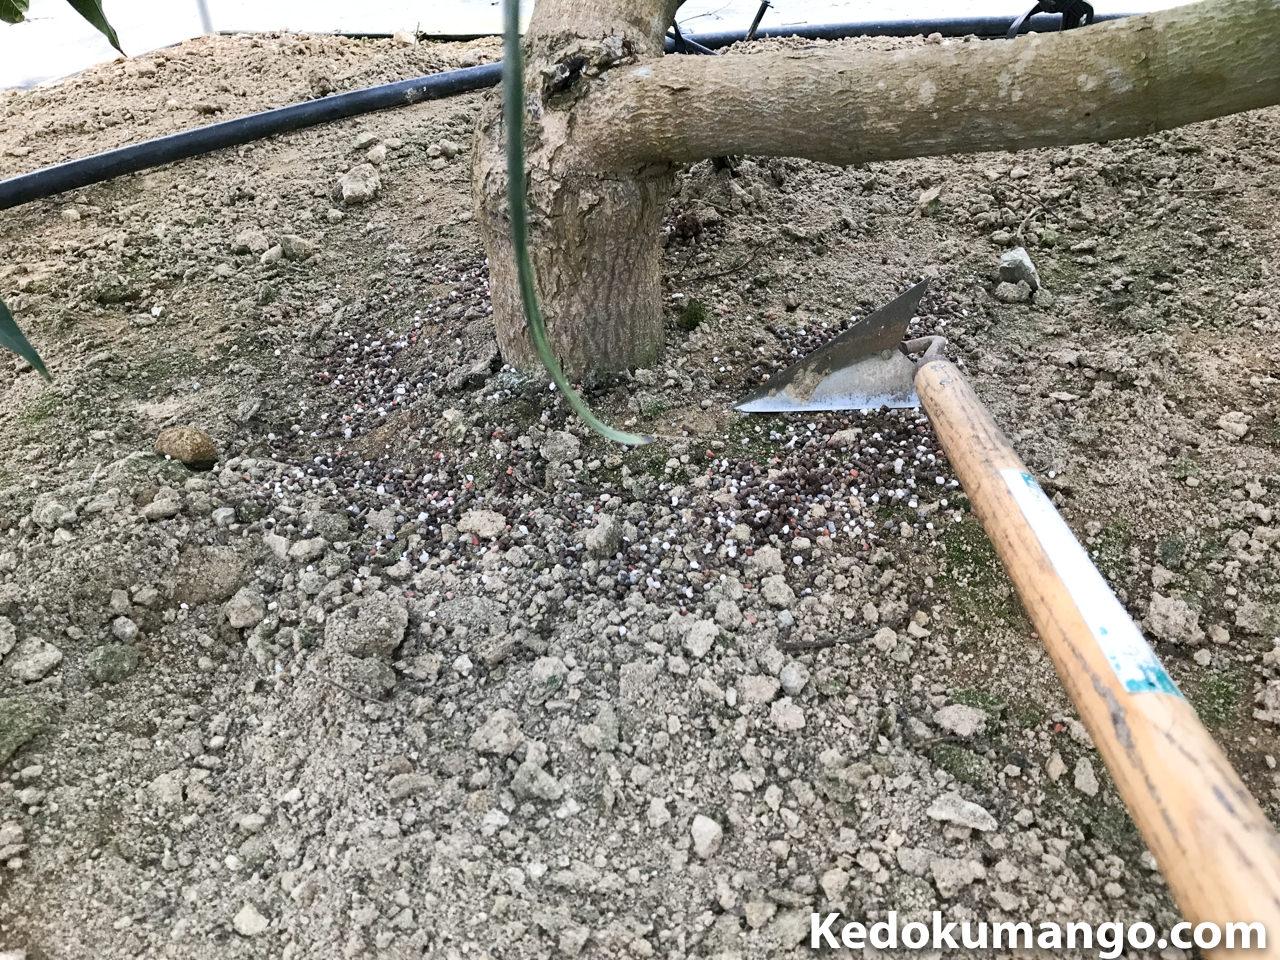 肥料と土の混合の様子